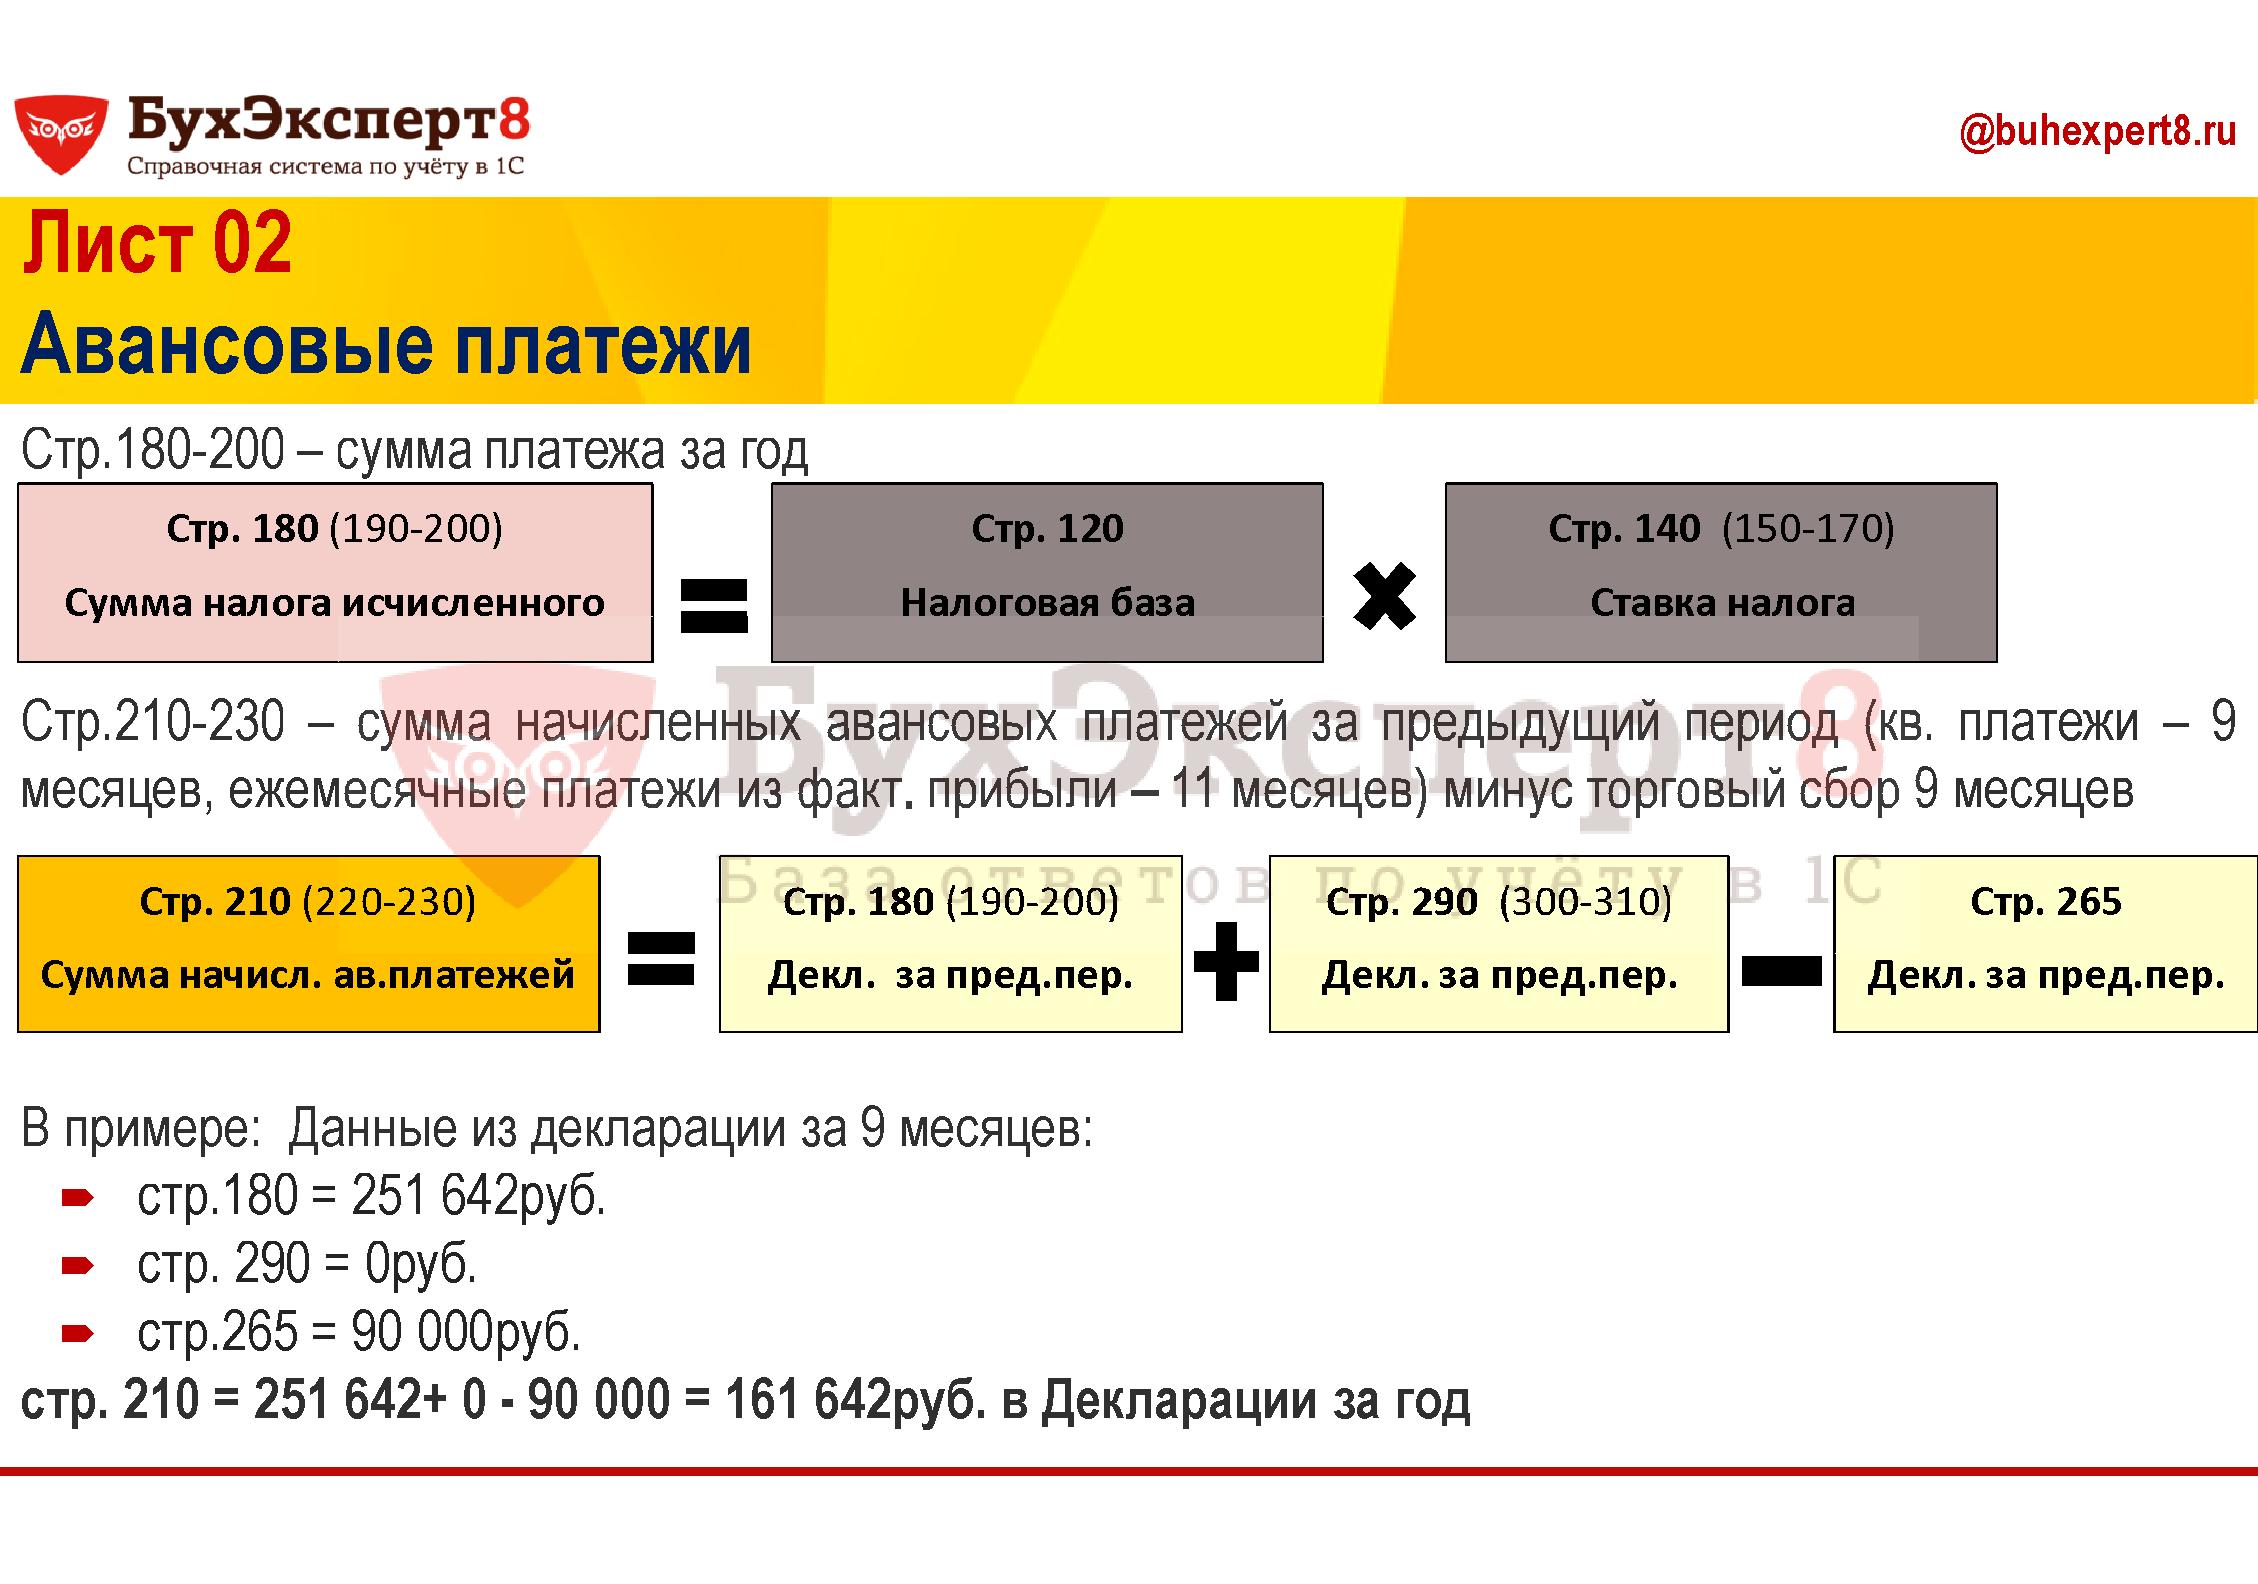 Стр.180-200 – сумма платежа за год Стр.210-230 – сумма начисленных авансовых платежей за предыдущий период (кв. платежи – 9 месяцев, ежемесячные платежи из факт. прибыли – 11 месяцев) минус торговый сбор 9 месяцев В примере: Данные из декларации за 9 месяцев: стр.180 = 251 642руб. стр. 290 = 0руб. стр.265 = 90 000руб. стр. 210 = 251 642+ 0 - 90 000 = 161 642руб. в Декларации за год